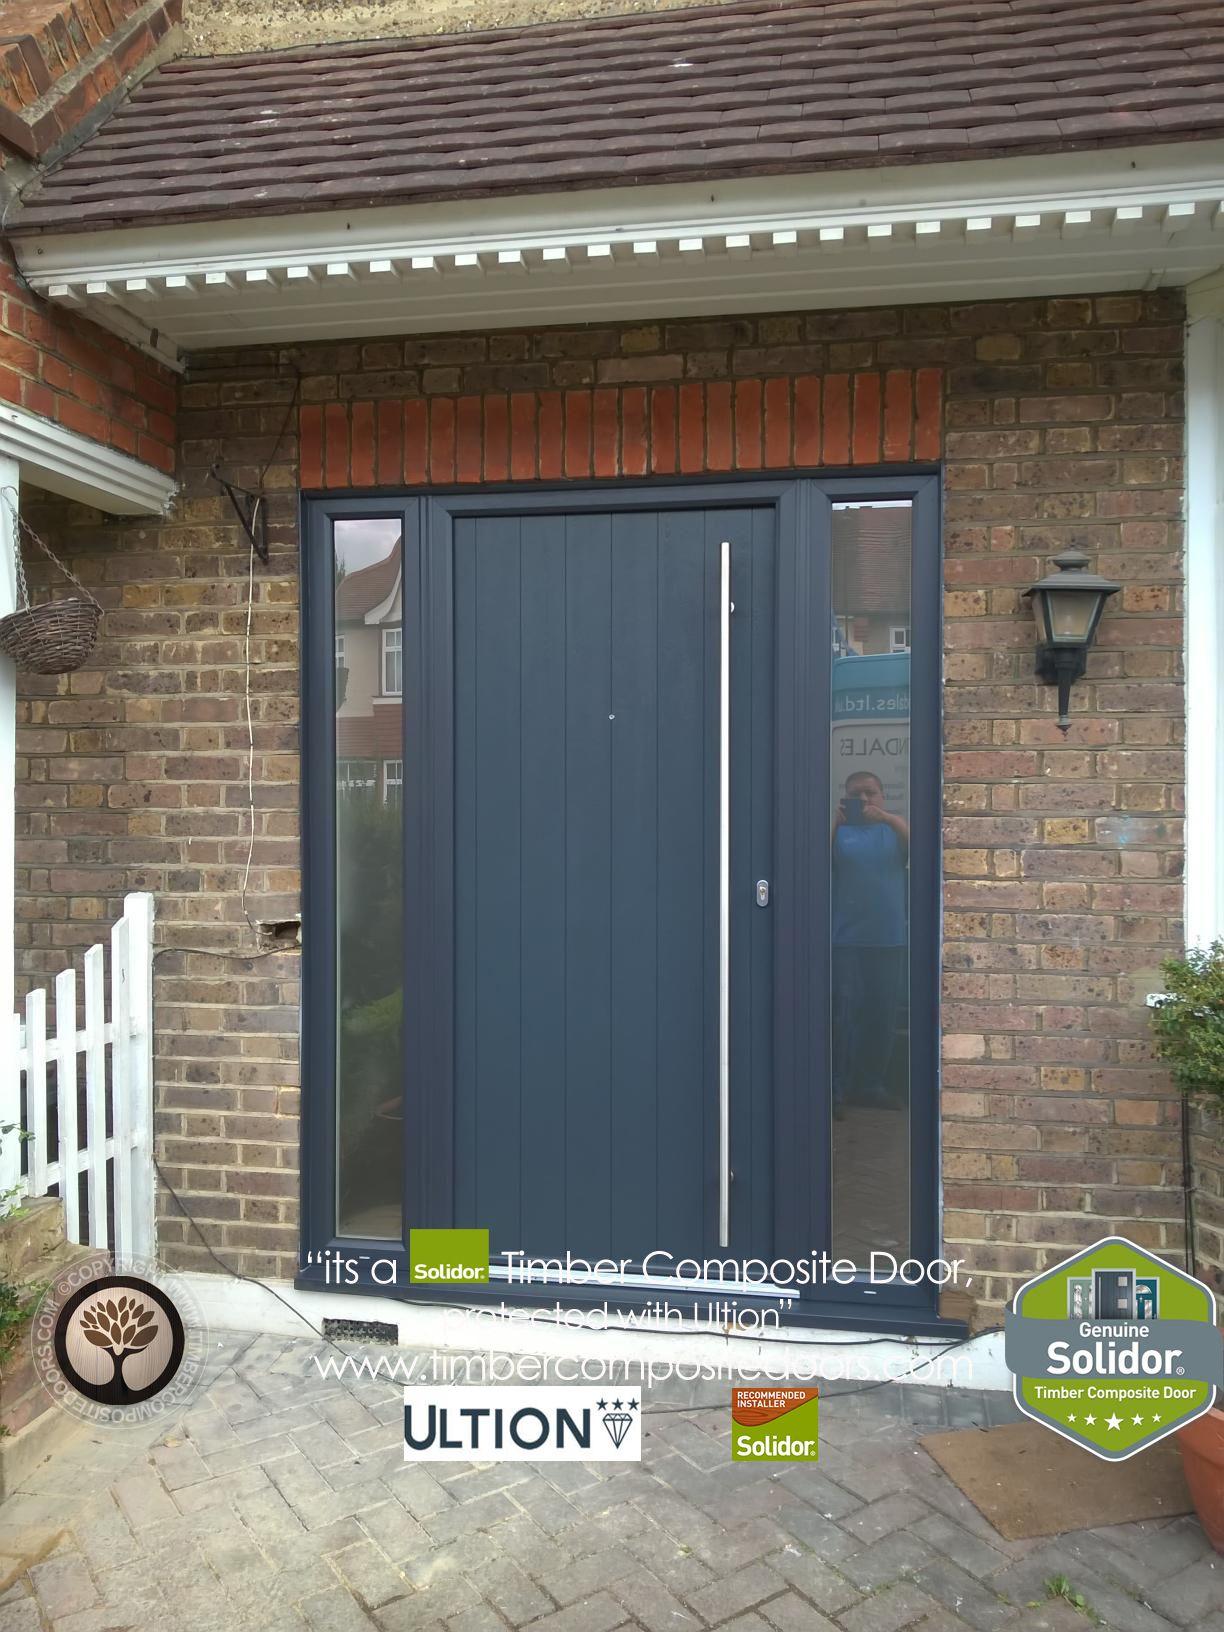 Timber Composite Doors 12 Months Interest Free Credit By Timber Composite Doors Real Pictures Composite Front Door Grey Composite Front Door Garage Door Design